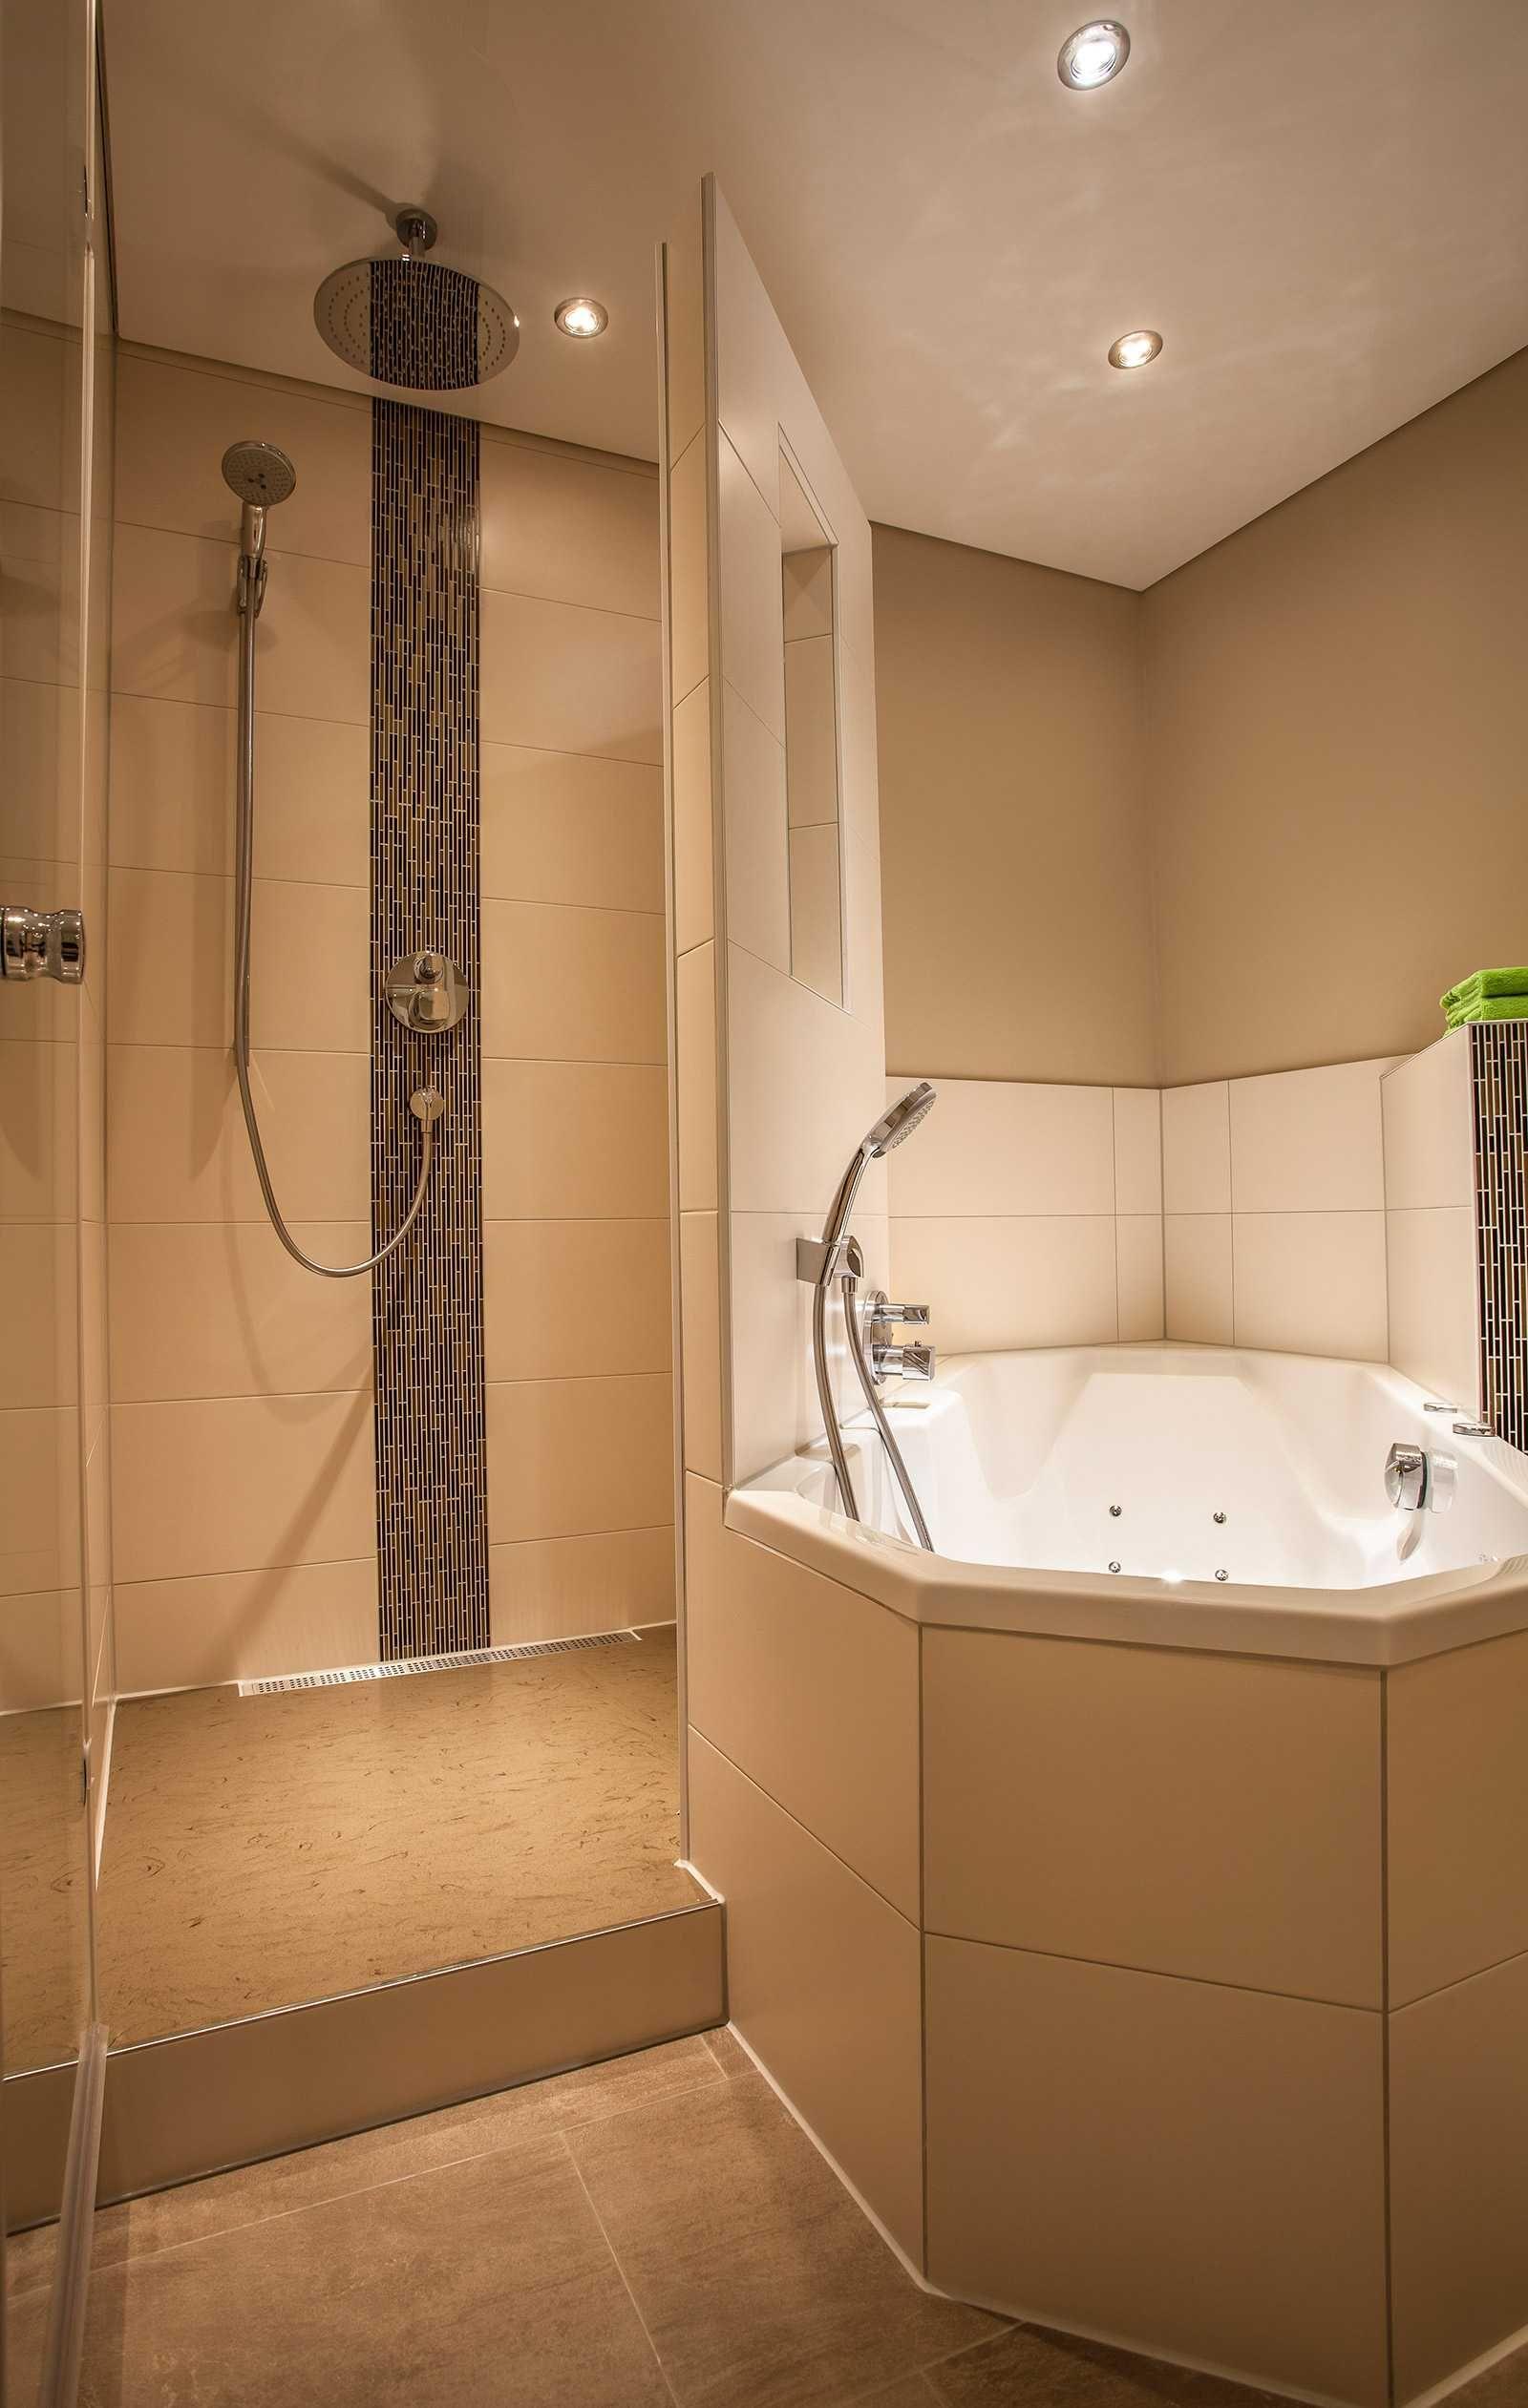 Trotz Wenig Platz Sowohl Badewanne Als Auch Dusche   Mit MiniBagno! Www.mini   Design Ideas